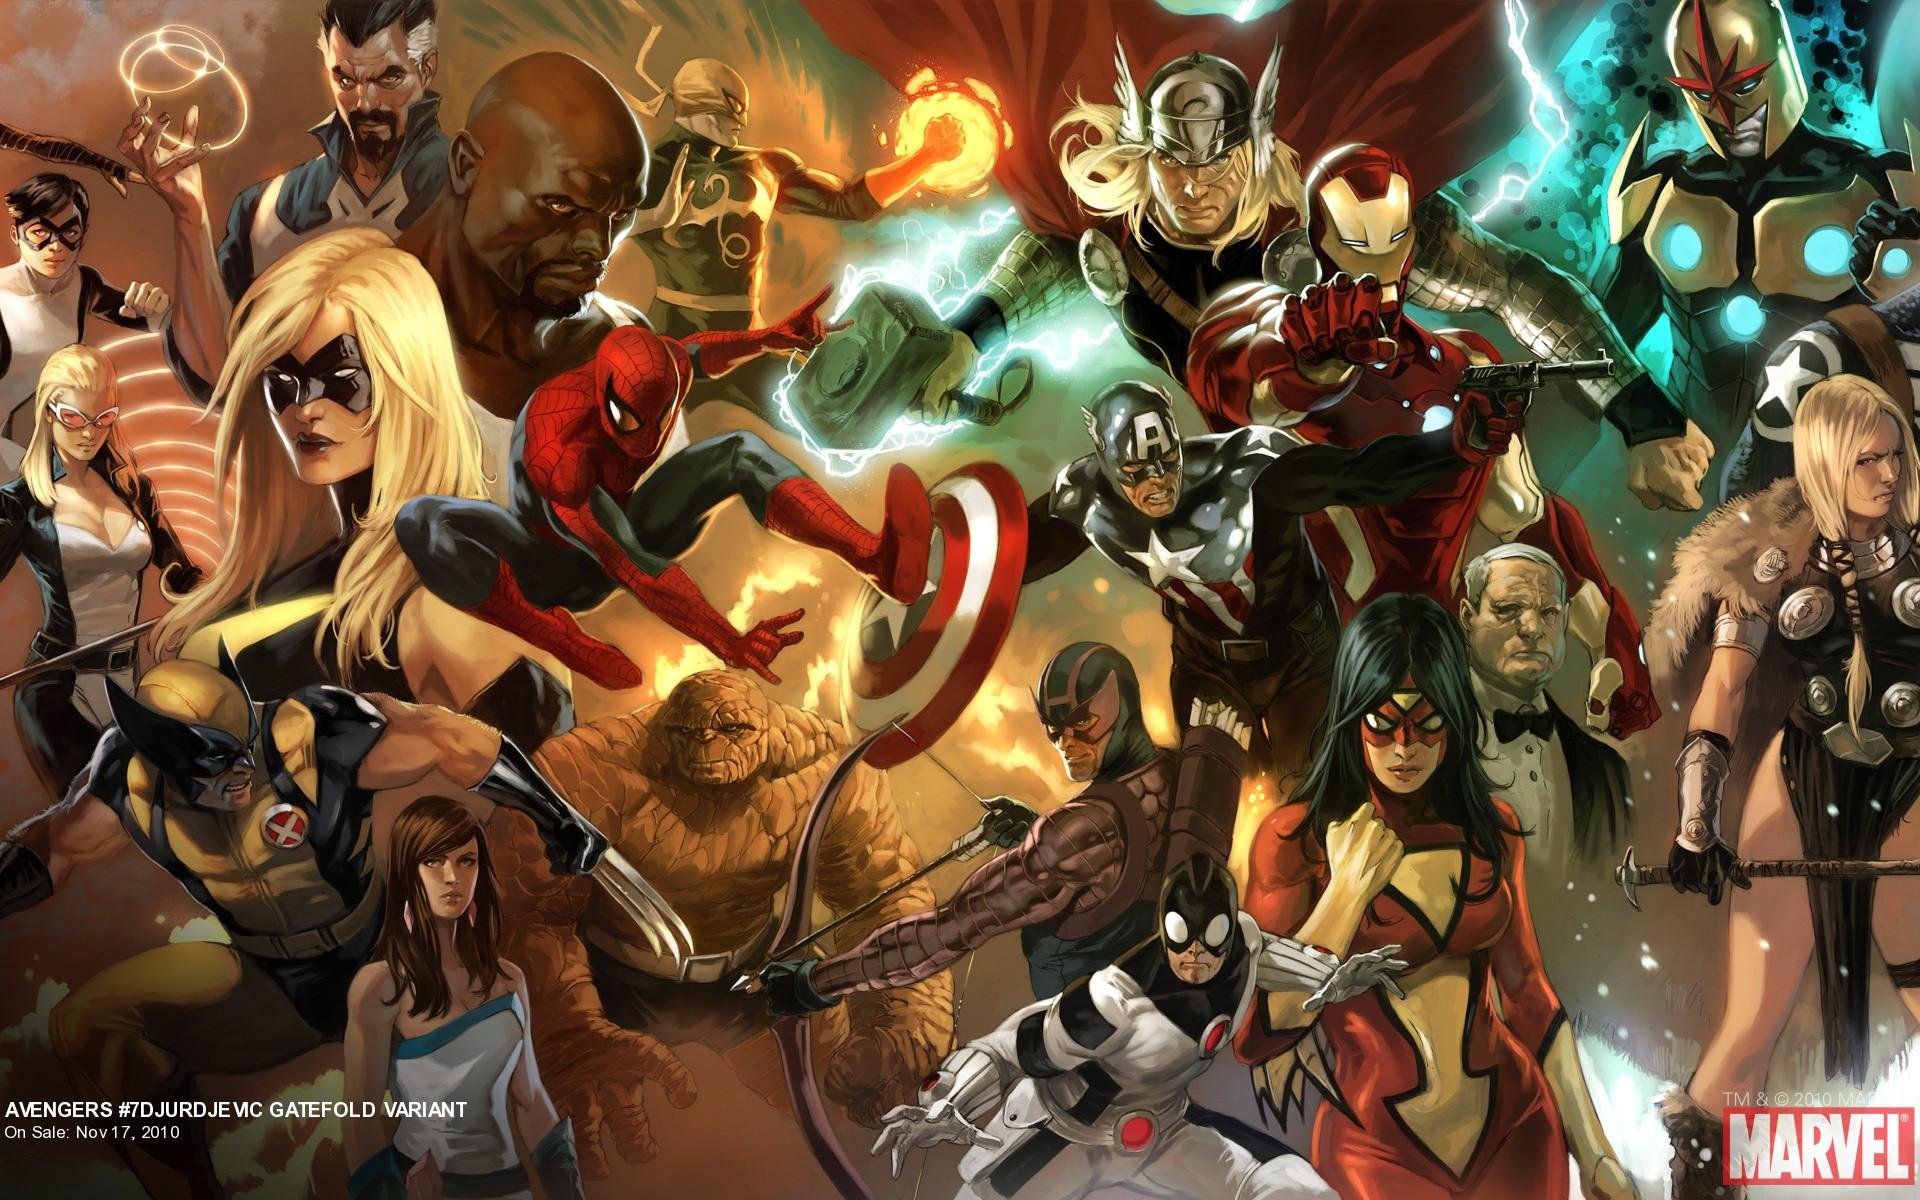 Avengers 7 Djurdjevic Gatefold Variant Part 2 Marvelcom 1920x1200